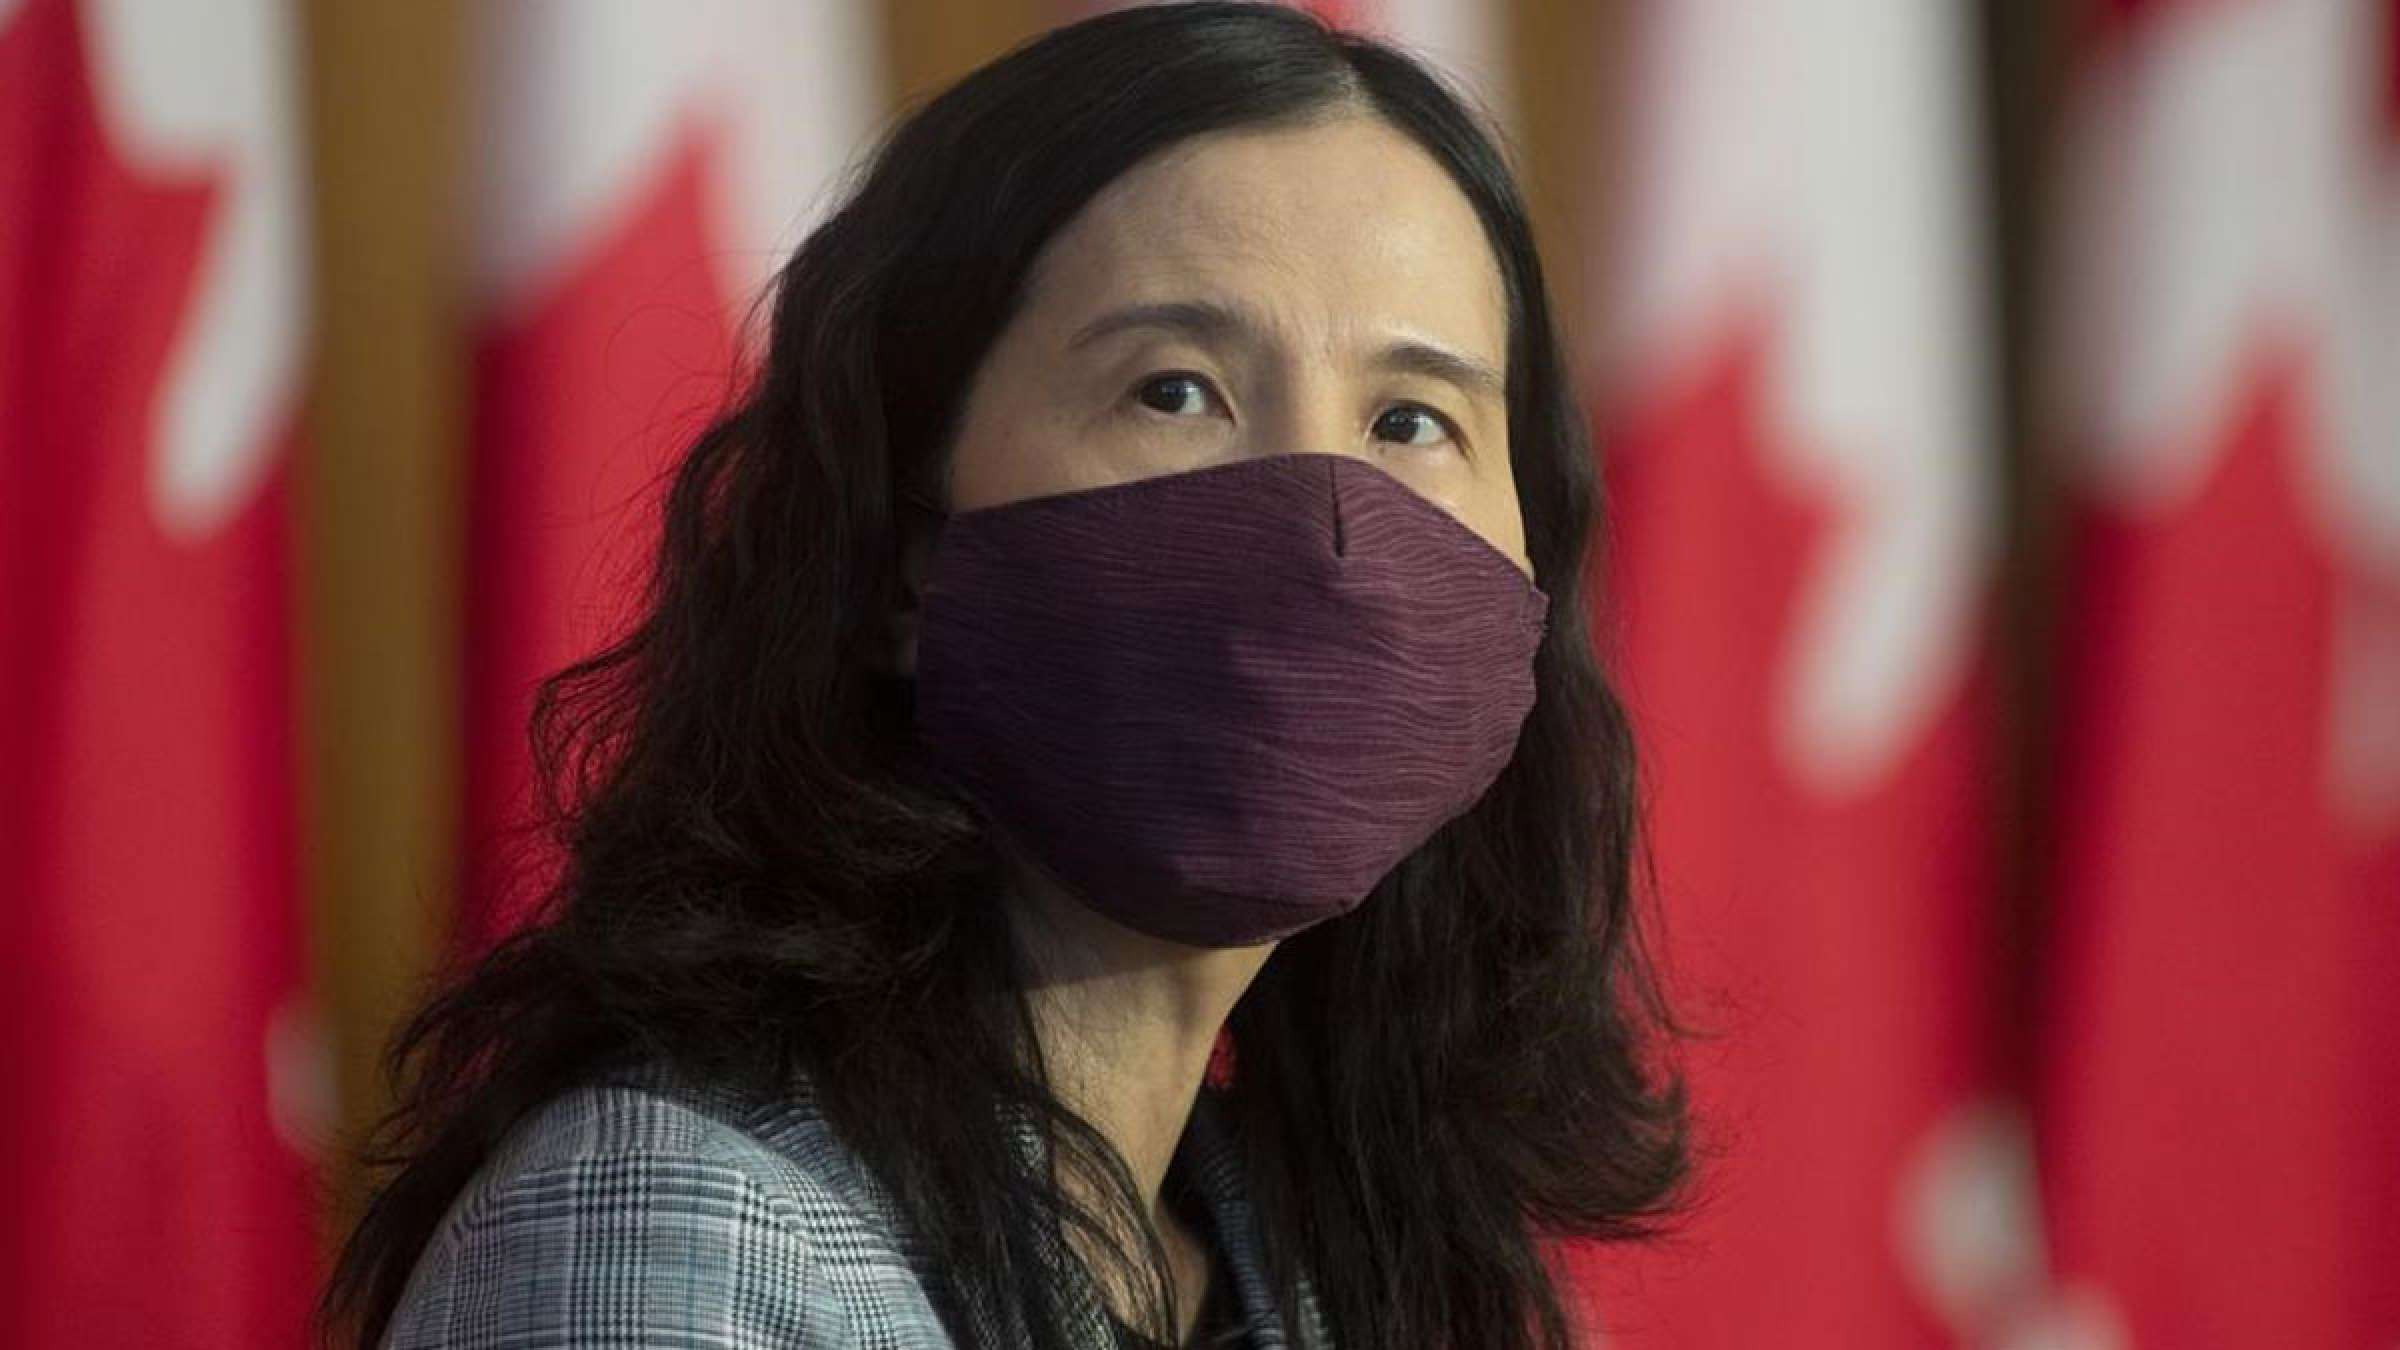 اخبار-کانادا-واکسن-ها-باعث-رفع-محدودیت-های-کانادا-تا-ماه-سپتامبر-می-شوند